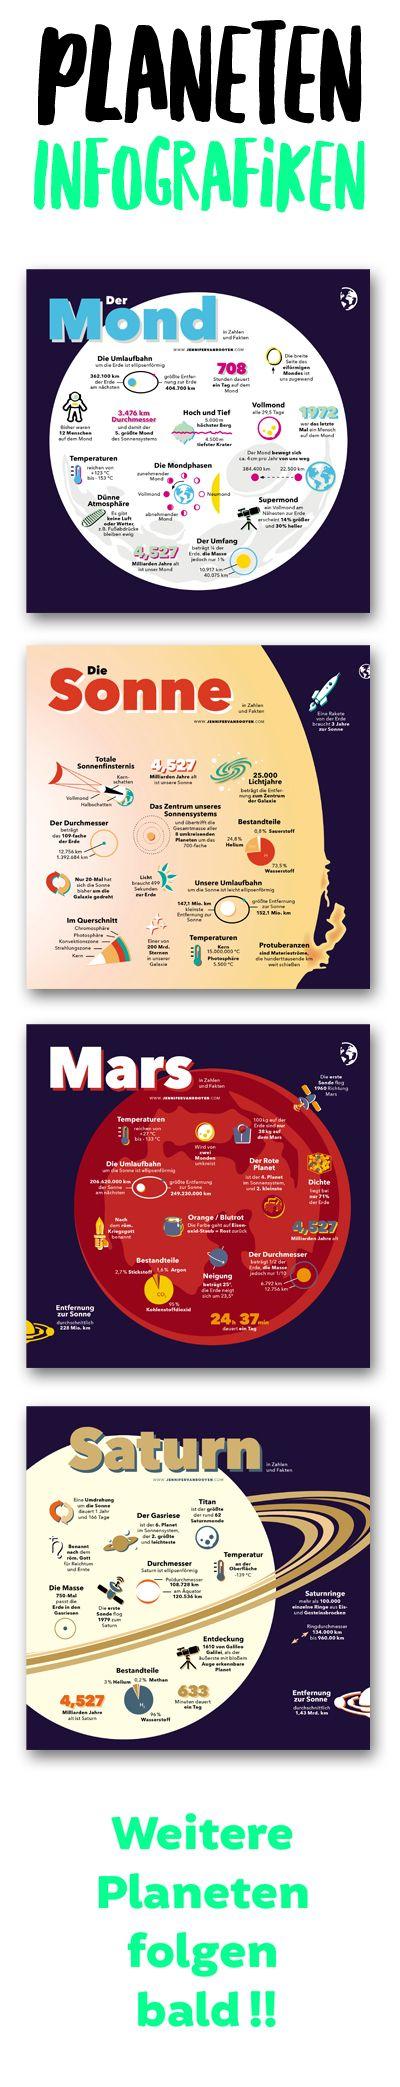 Ein kleines Poster für jeden Planeten (und Mond) in unserem ...